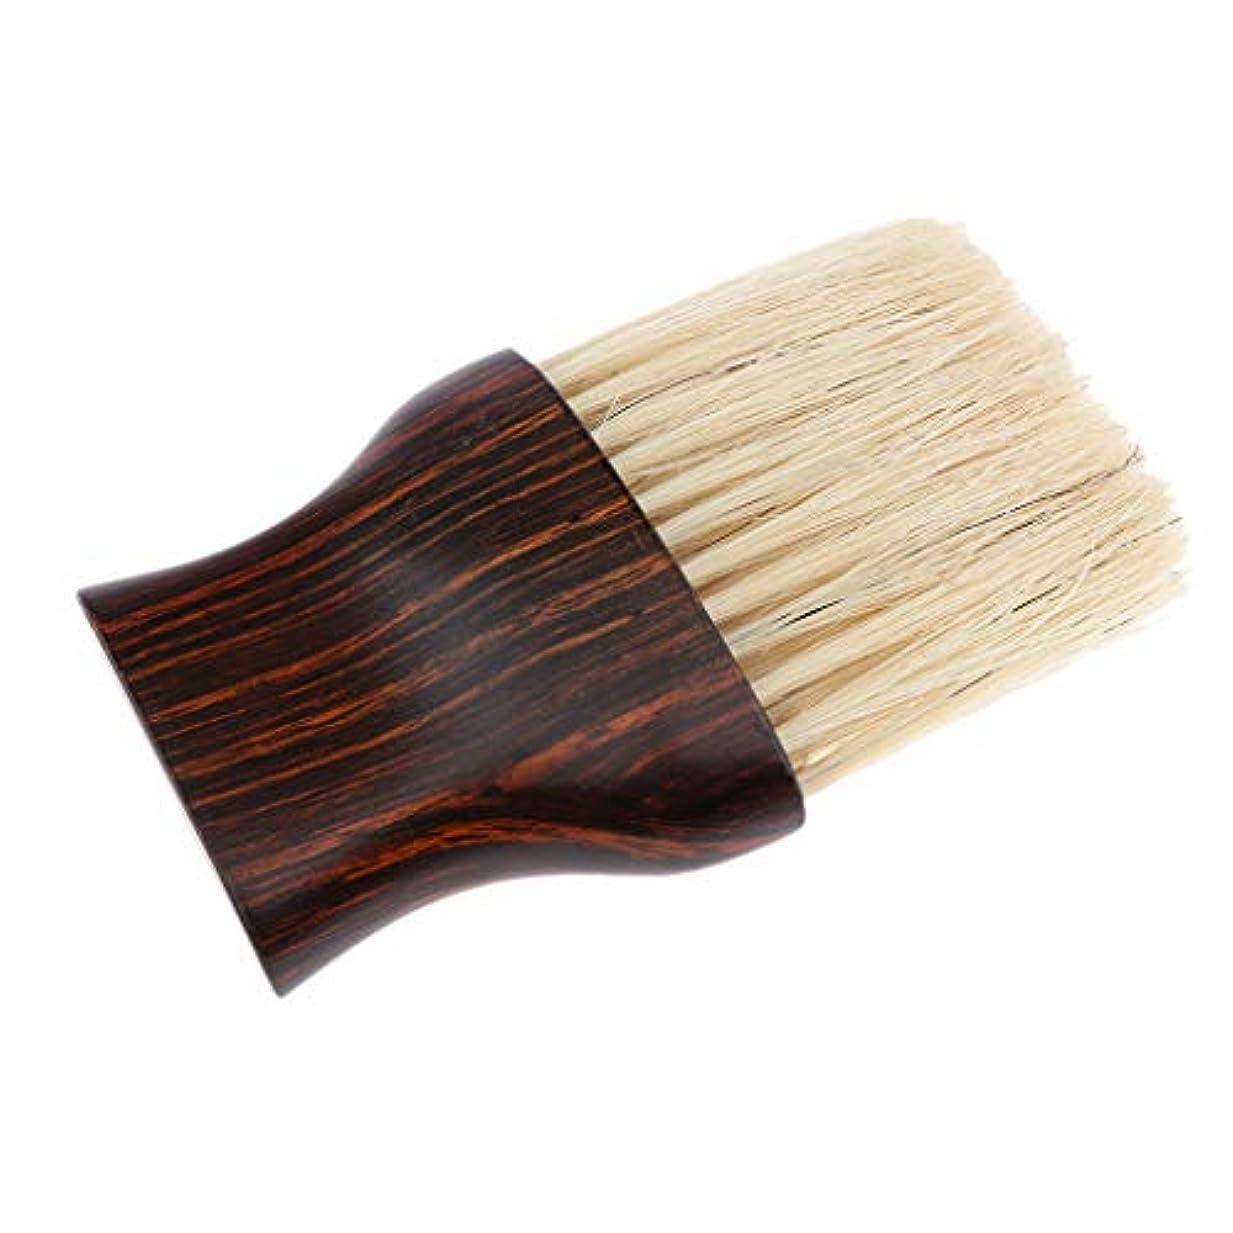 取り組む識別する大陸ヘアブラシ 毛払いブラシ 散髪 髪切り 散髪用ツール 床屋 理髪店 美容院 ソフトブラシ